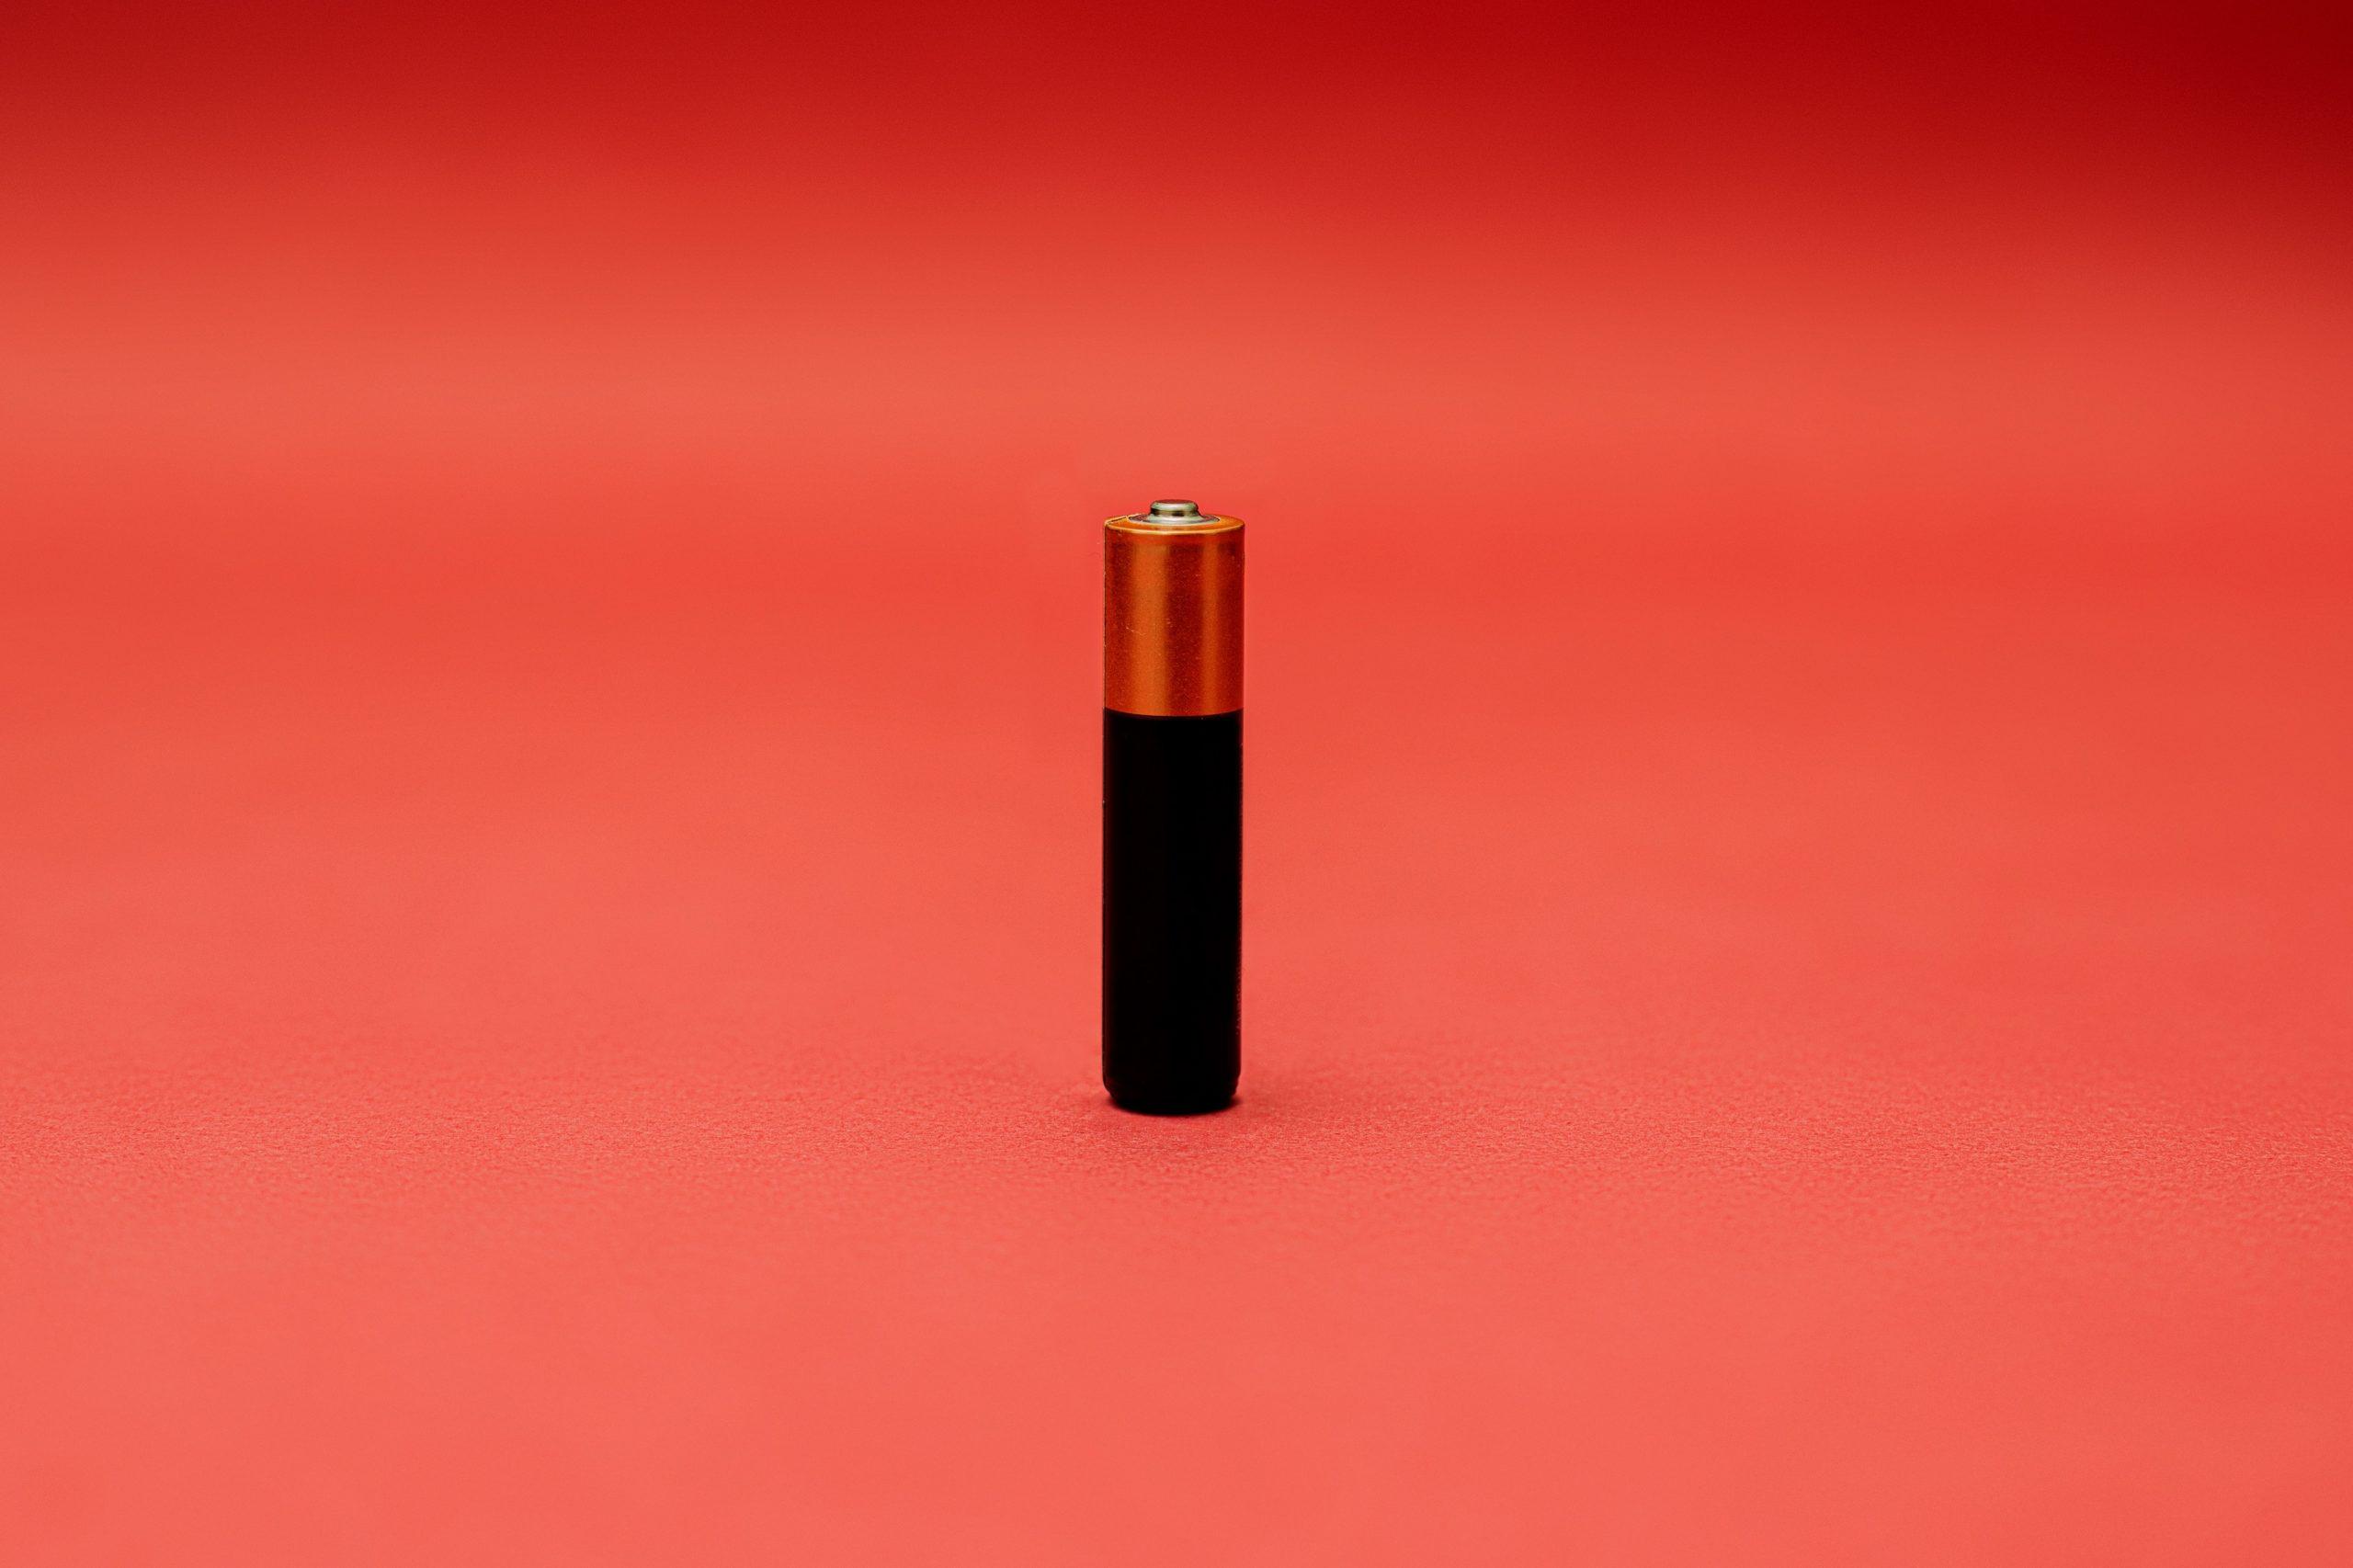 Batterie sociale et batterie solo - recharger ses batteries quand on est introverti